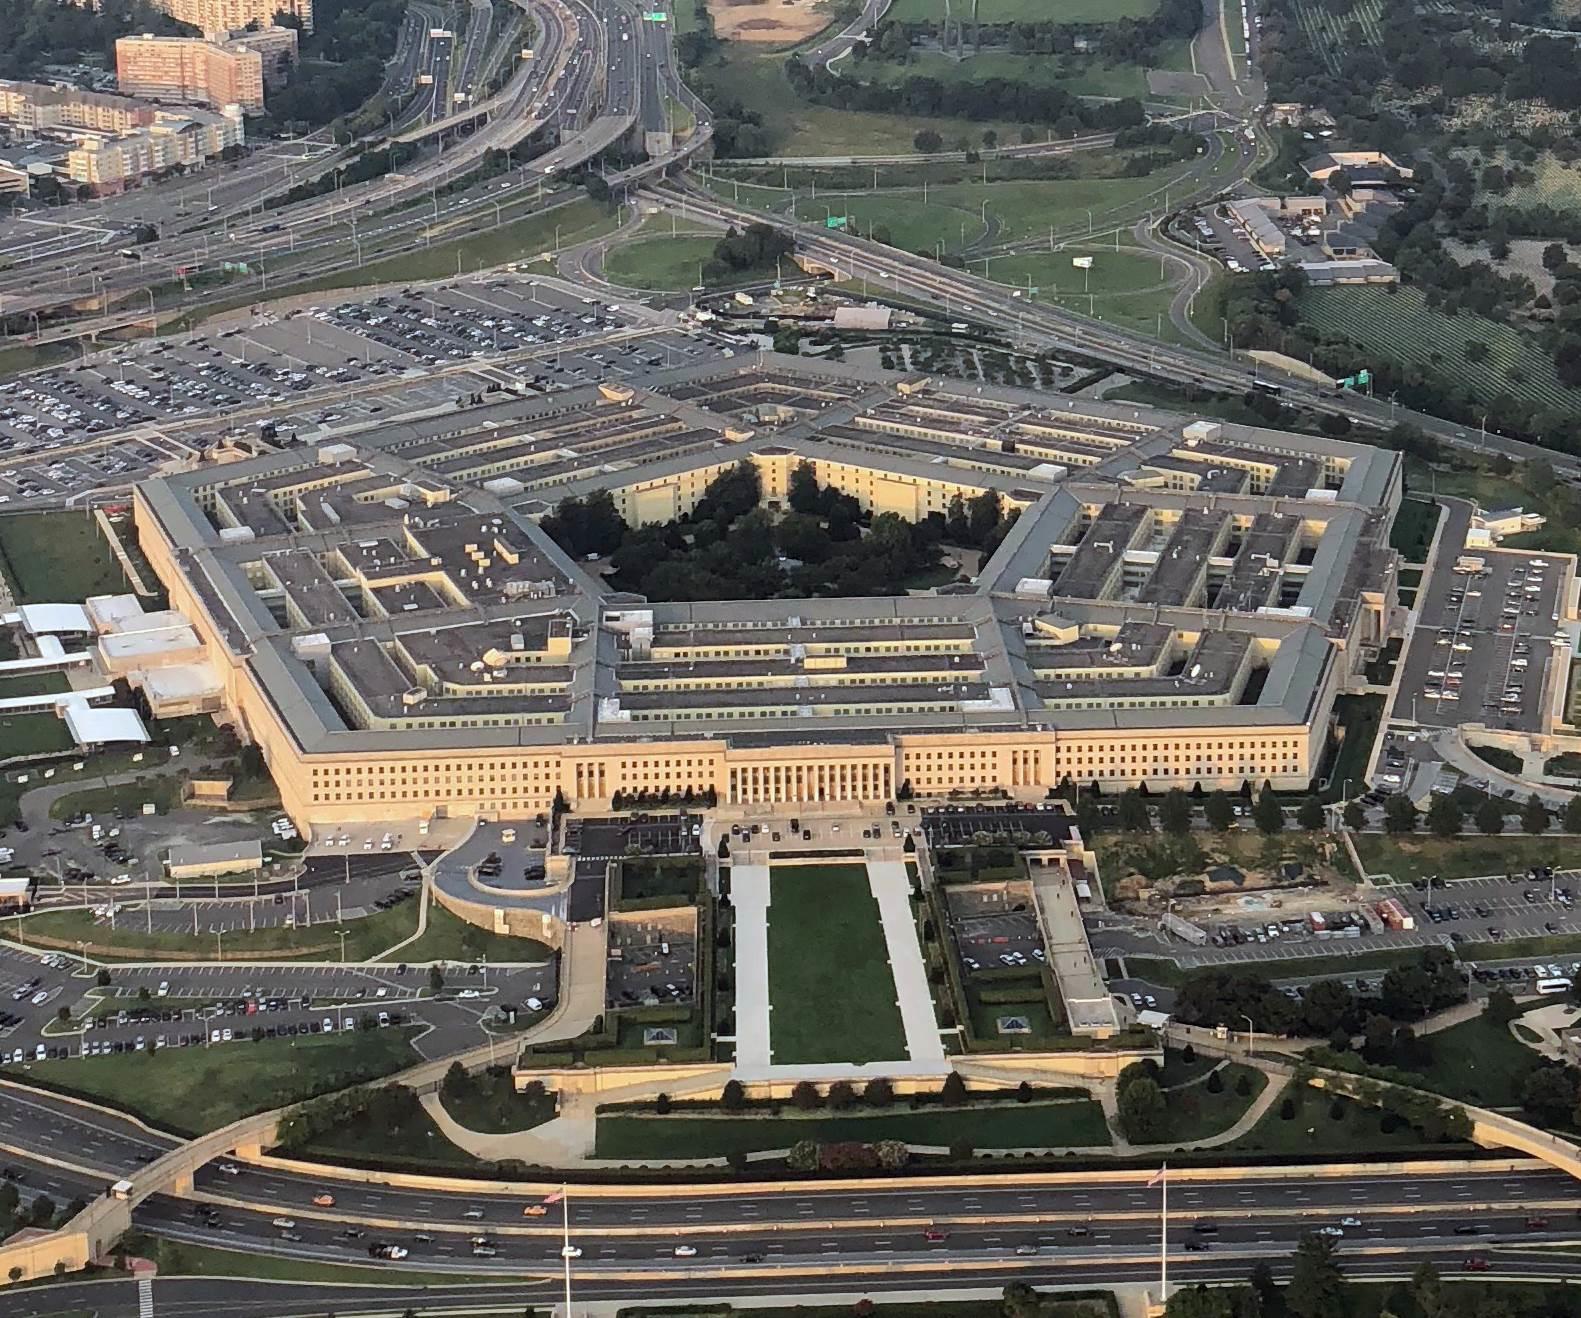 El Pentágono comienza a vigilarse por dentro